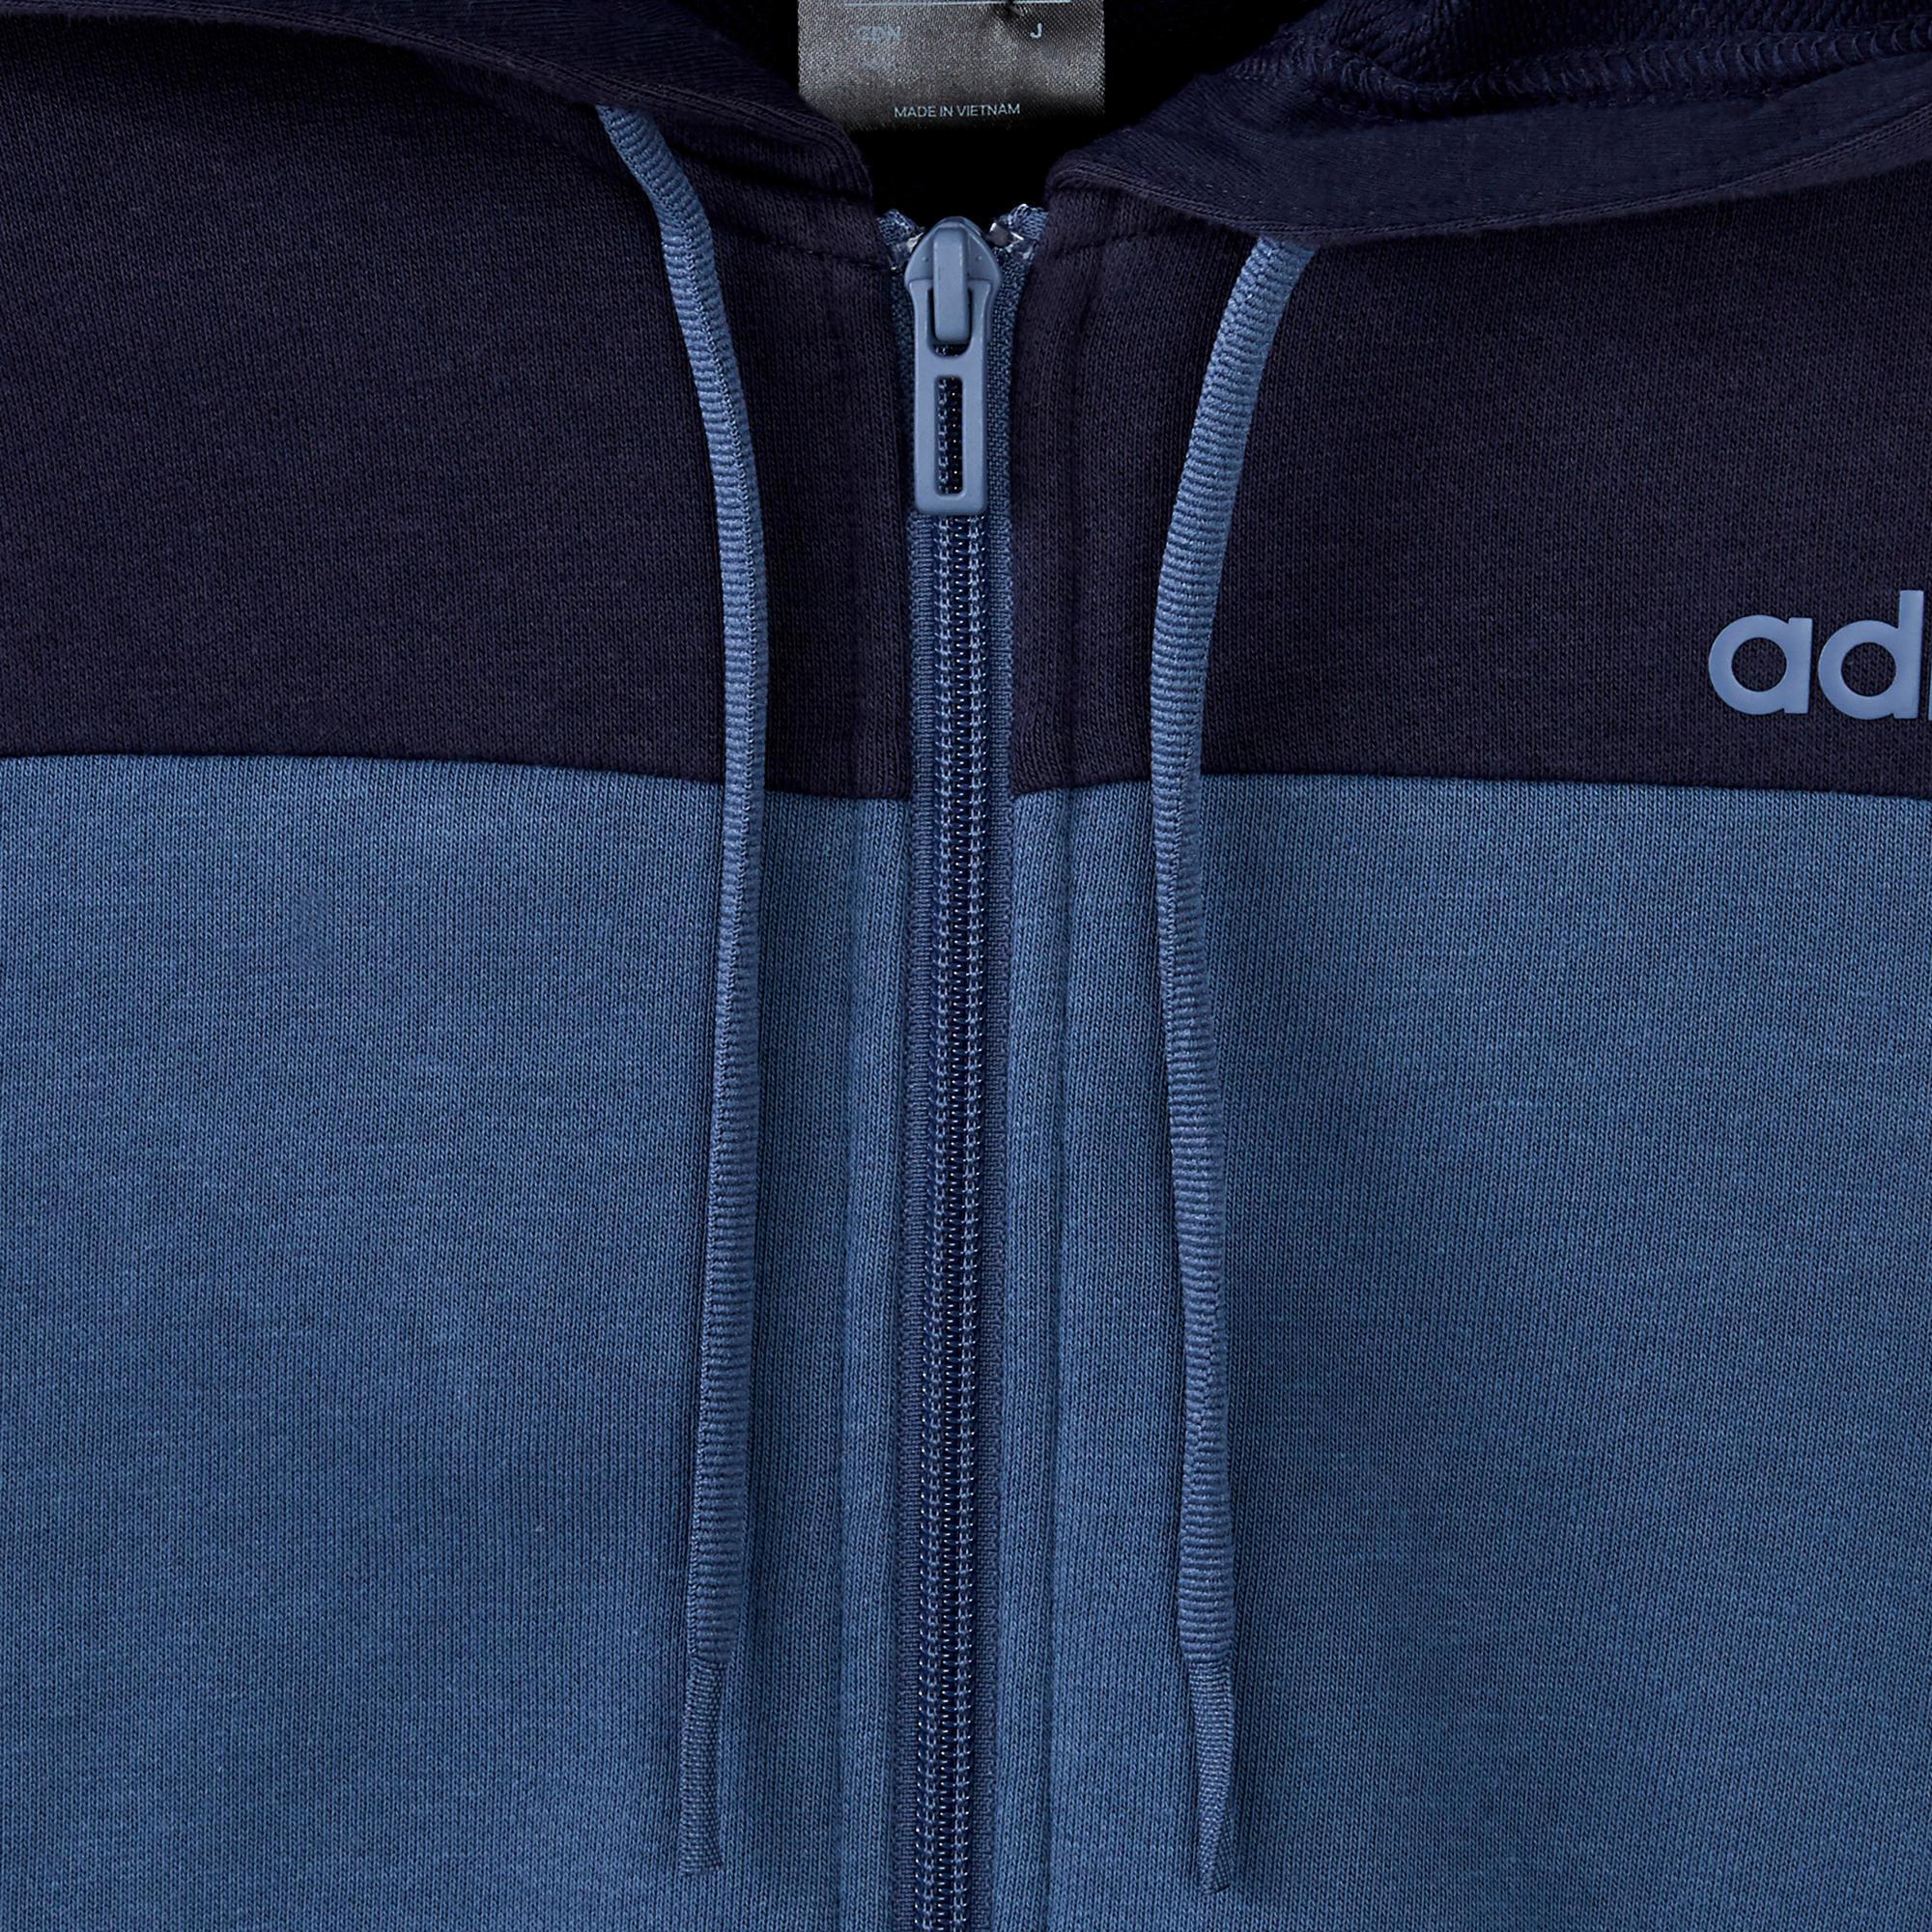 Veste de survêtement Adidas à capuche bleu